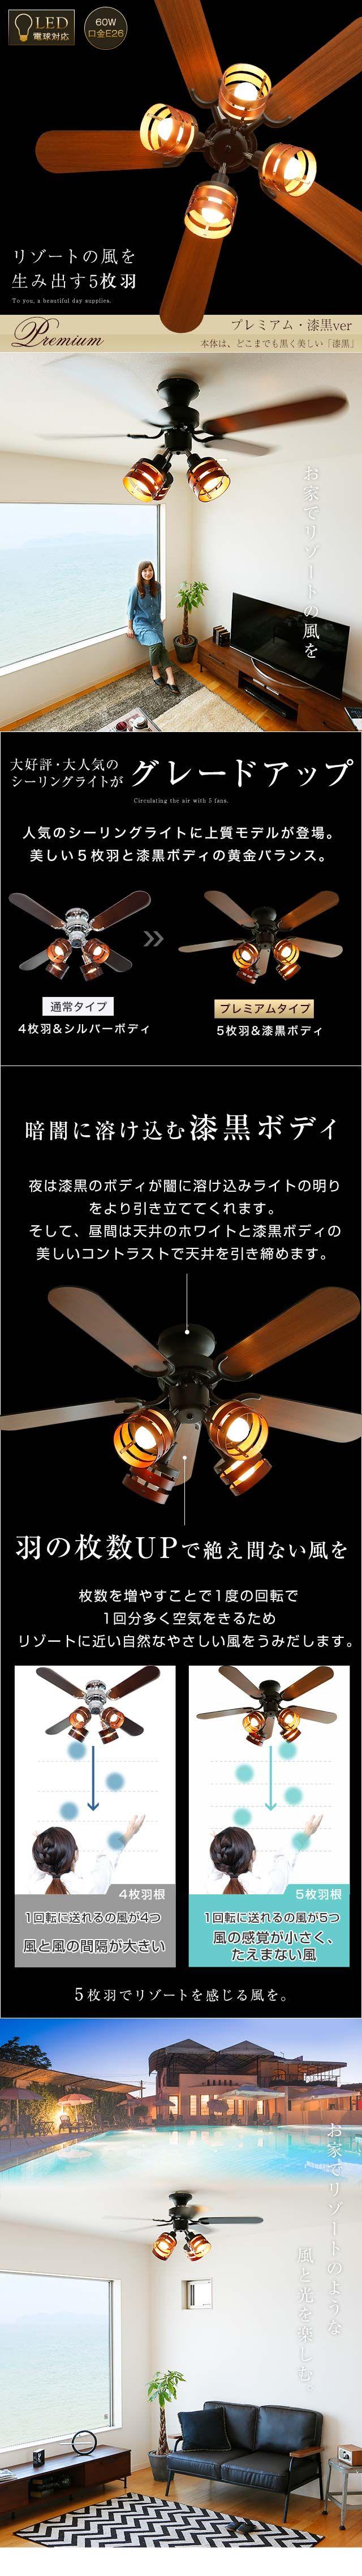 勾配天井を引き立たせる照明 リビング 吹き抜け 照明 コーニス照明